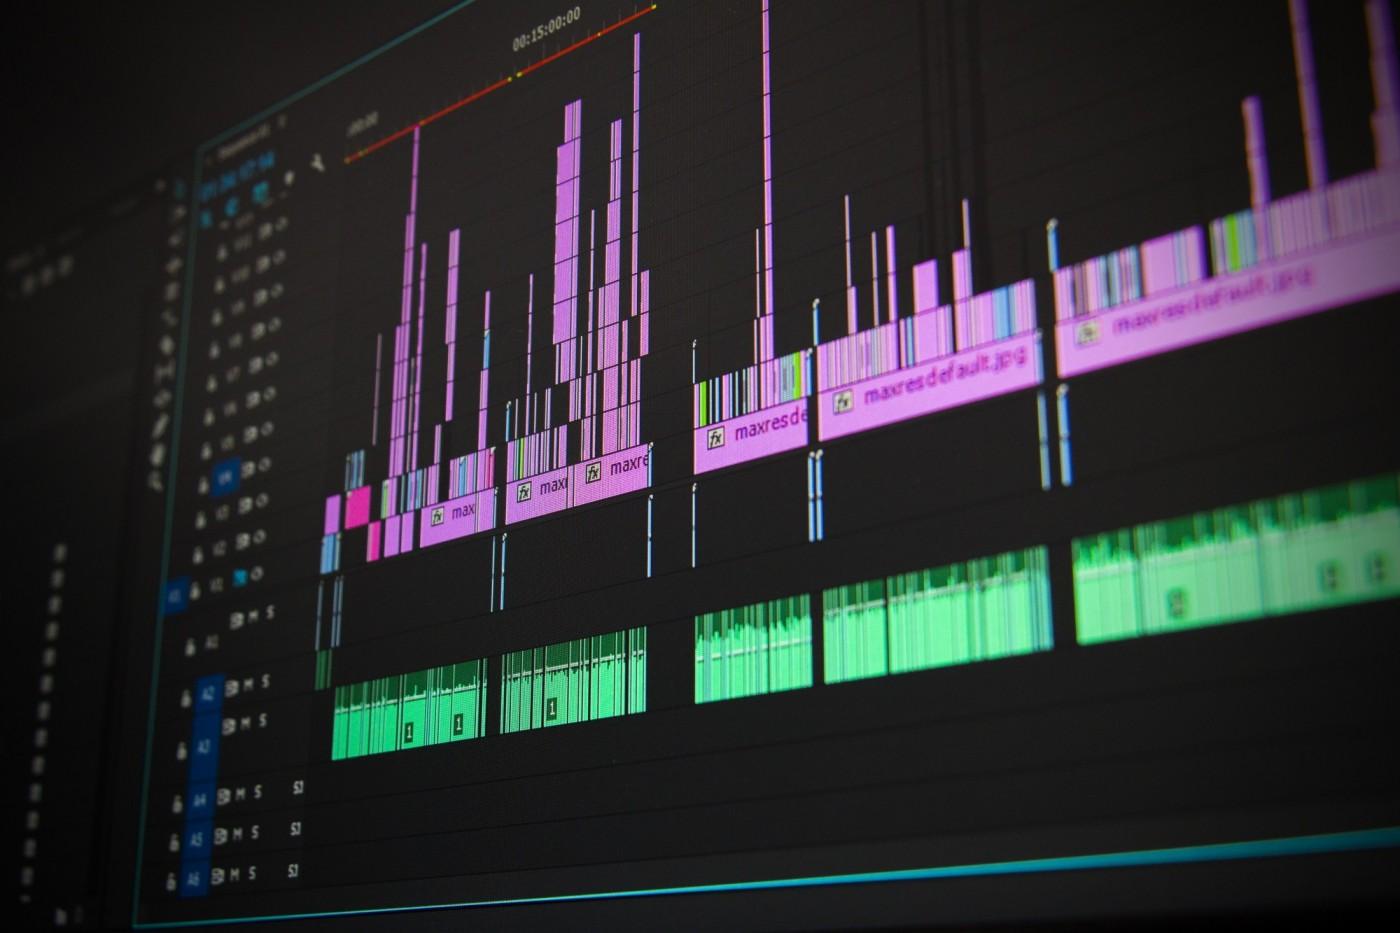 20大免費音樂音效下載網站,無版權素材商業影片也可用!